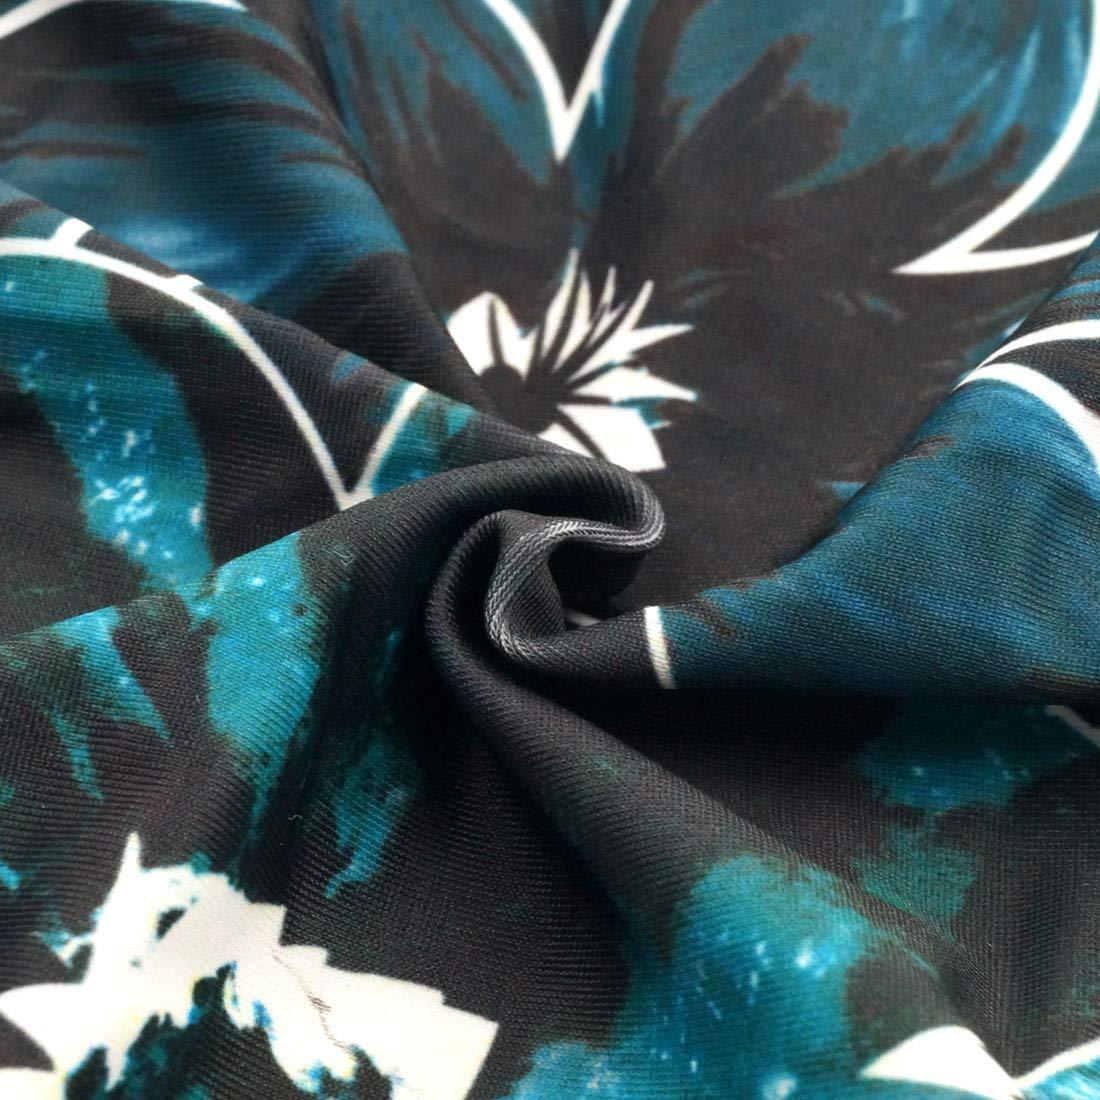 FEOYA Mujer Ba/ñador de Una Pieza Manga Corta Traje de Ba/ño Push Up para Playa Surf Ropa de Nataci/ón El/ástico Swimsuit para Deportes Acu/áticos